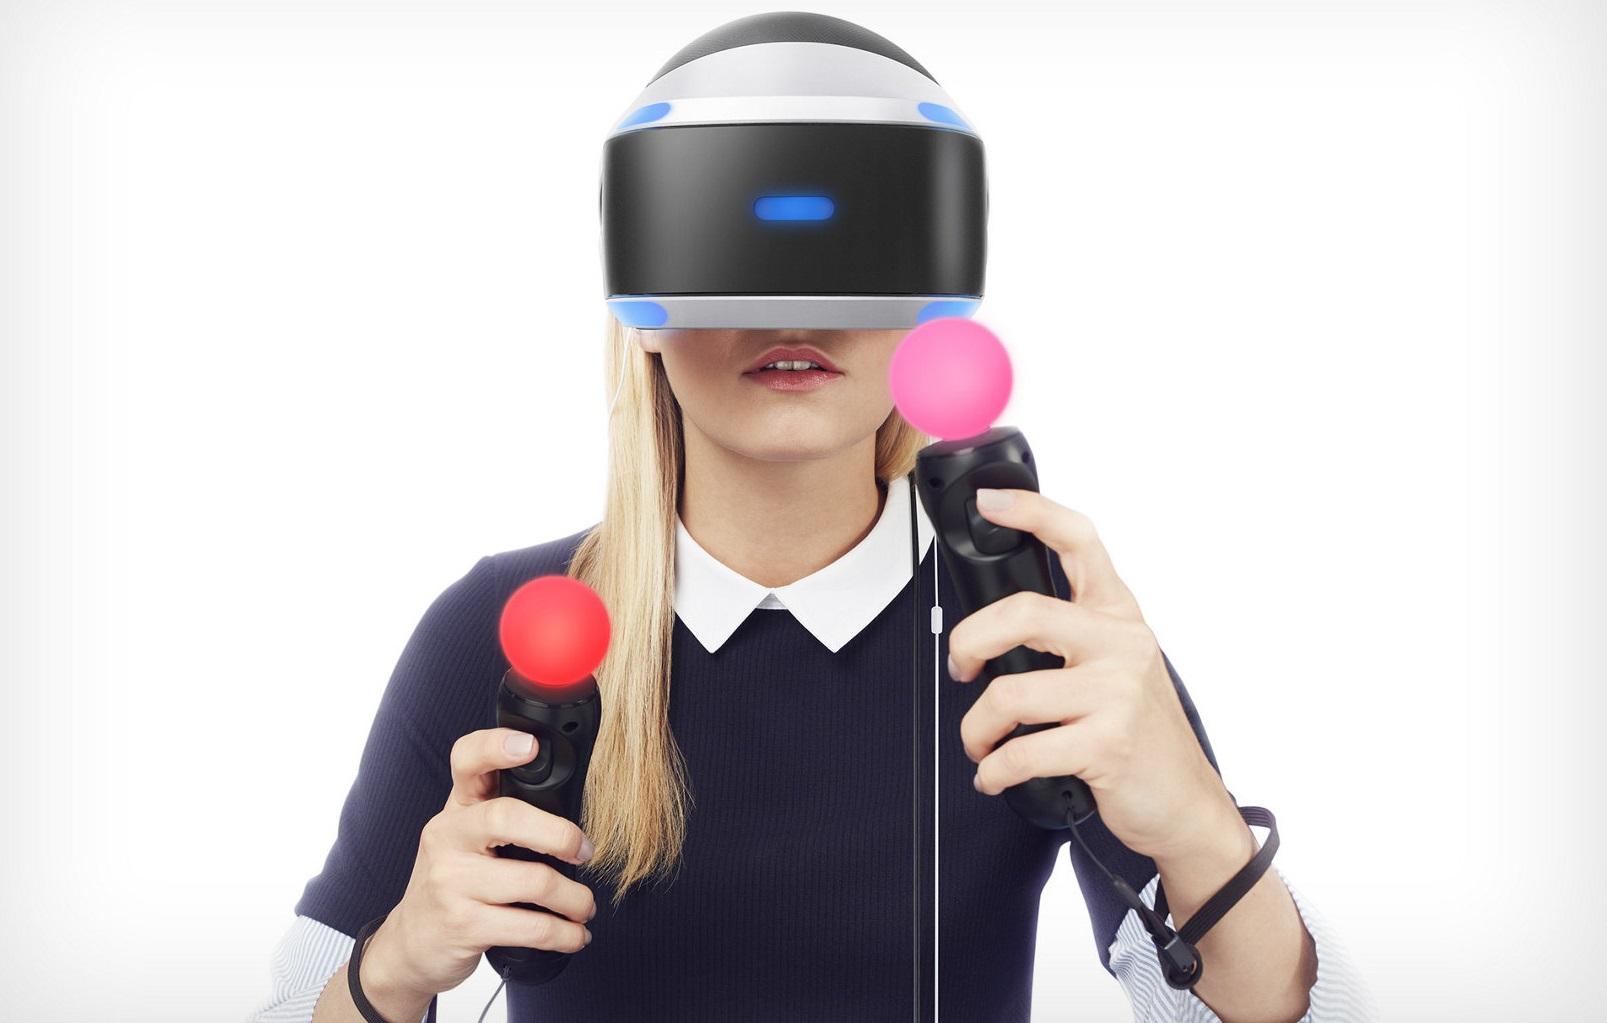 Лучшие шлемы виртуальной реальности для геймеров - Sony Playstation VR (3)